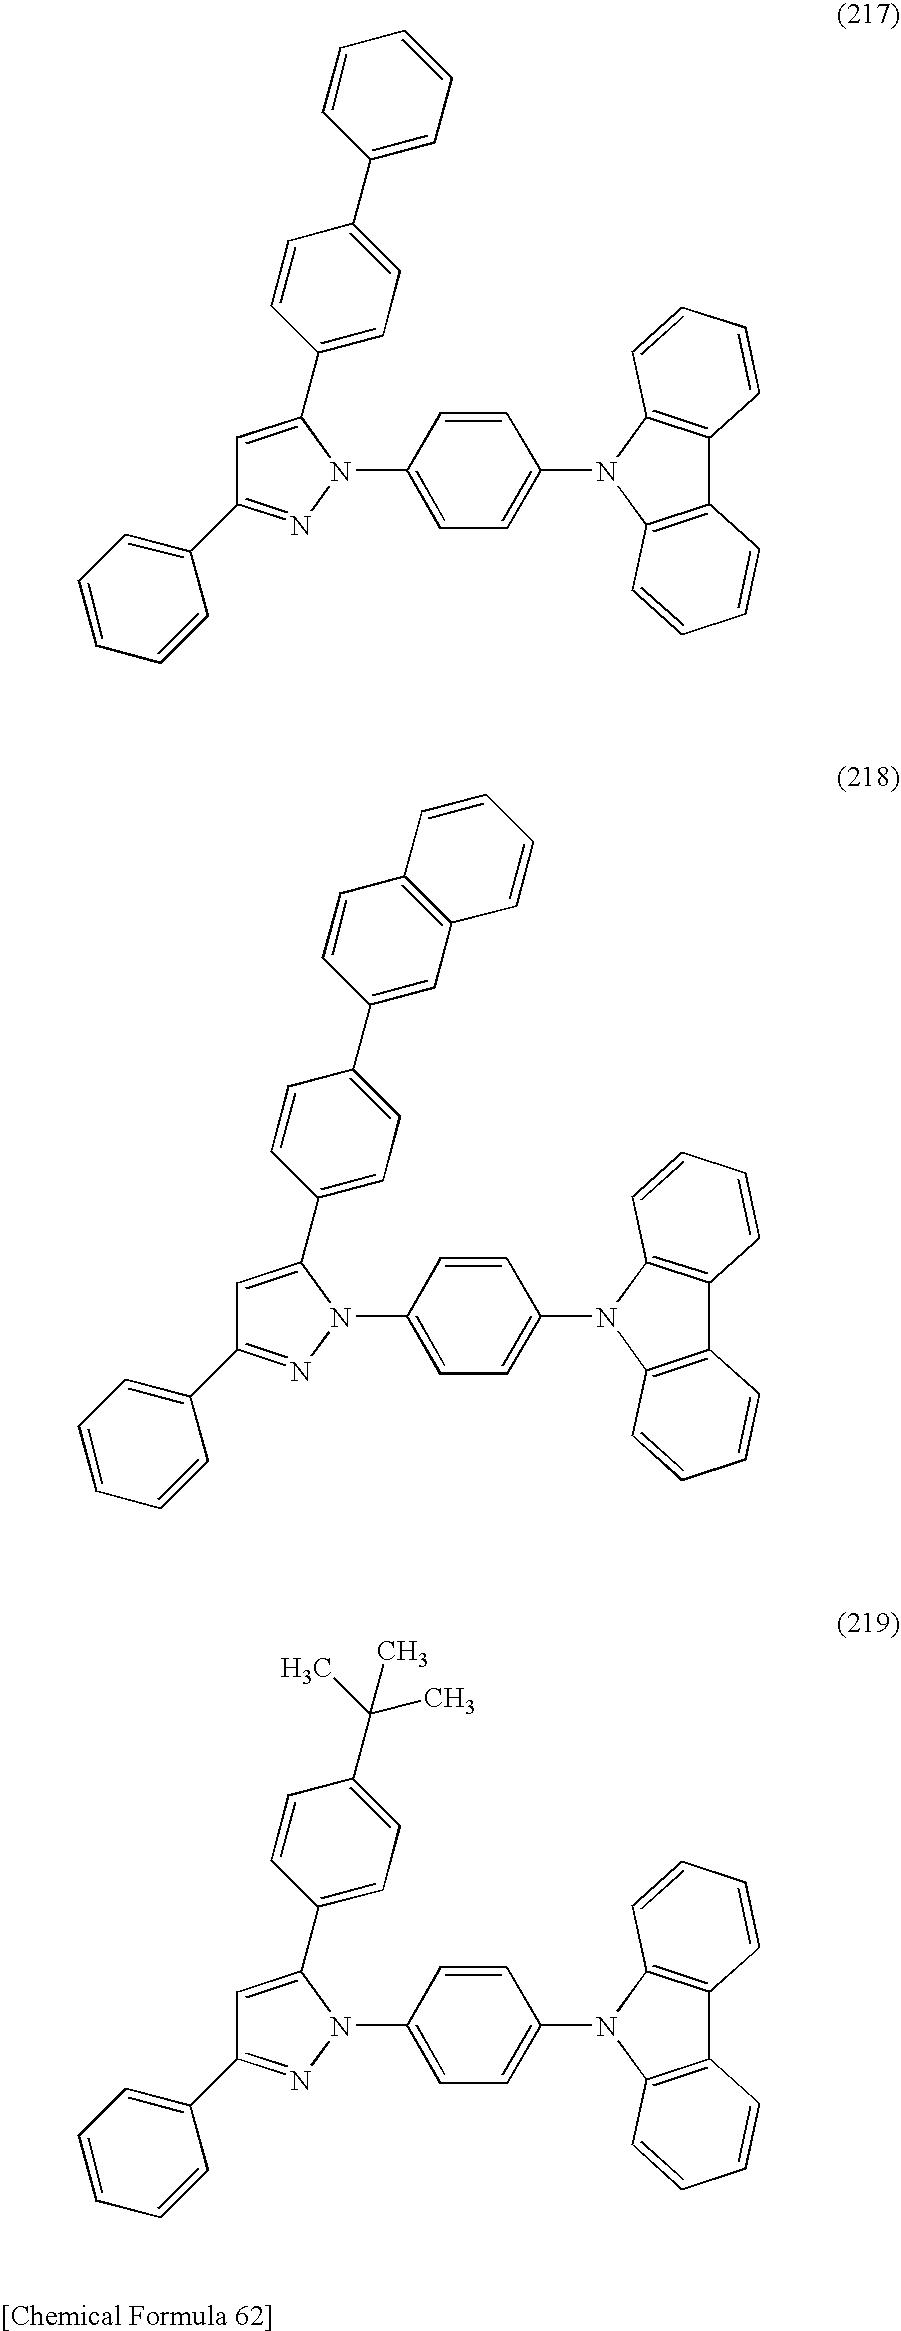 Figure US08551625-20131008-C00075